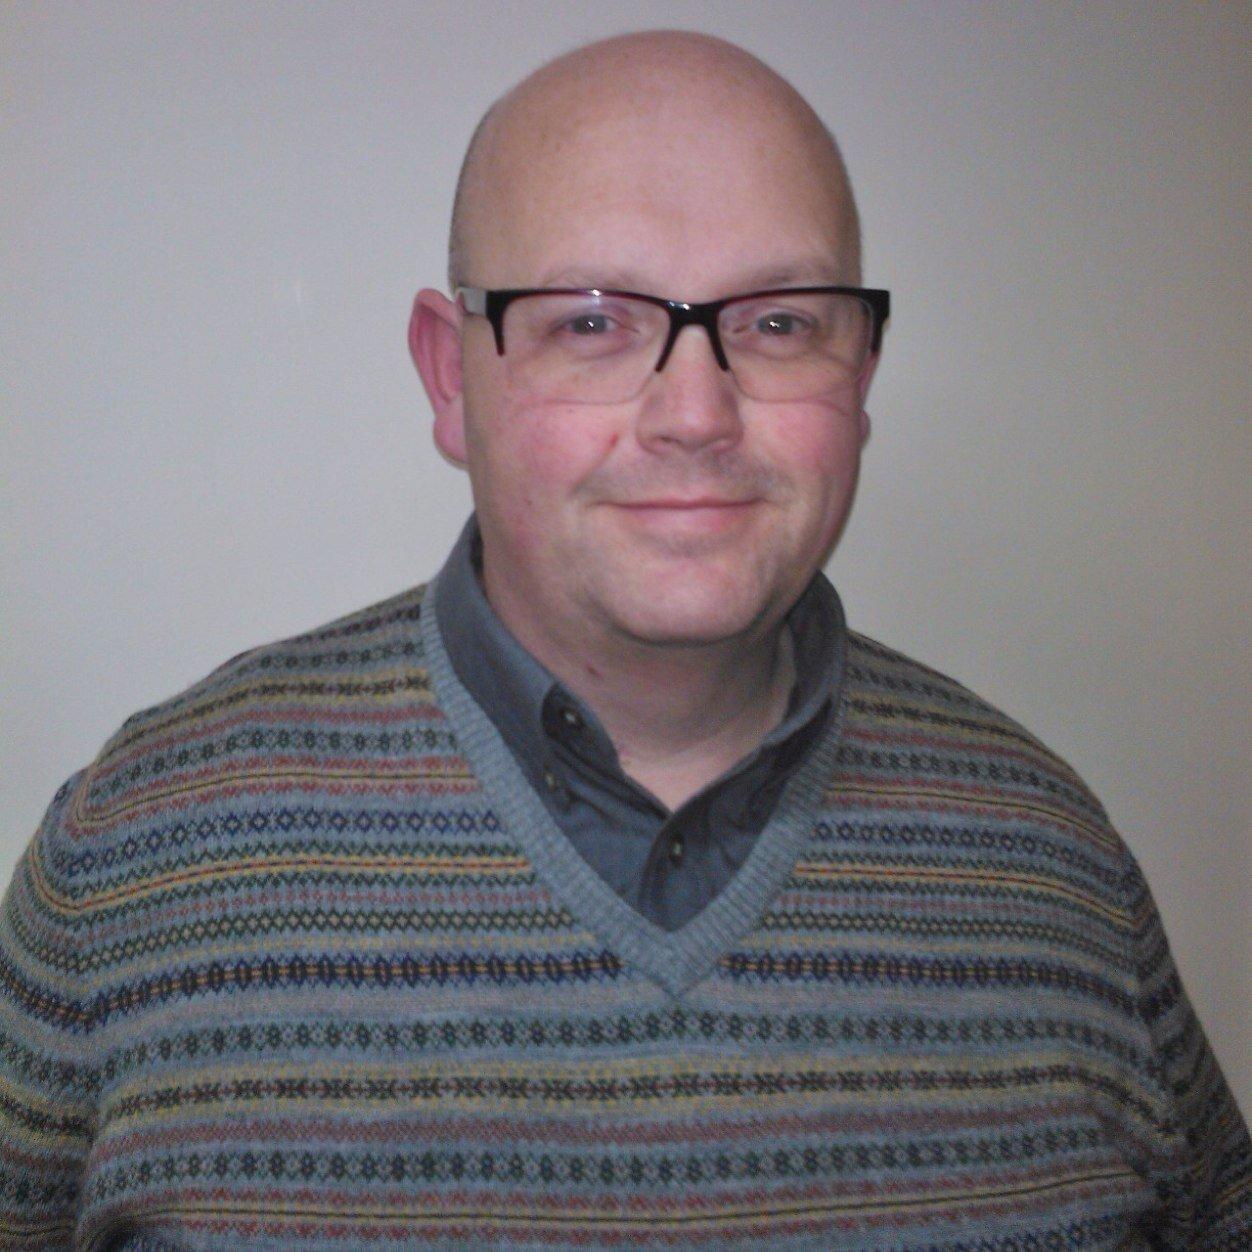 Andy Sanderson